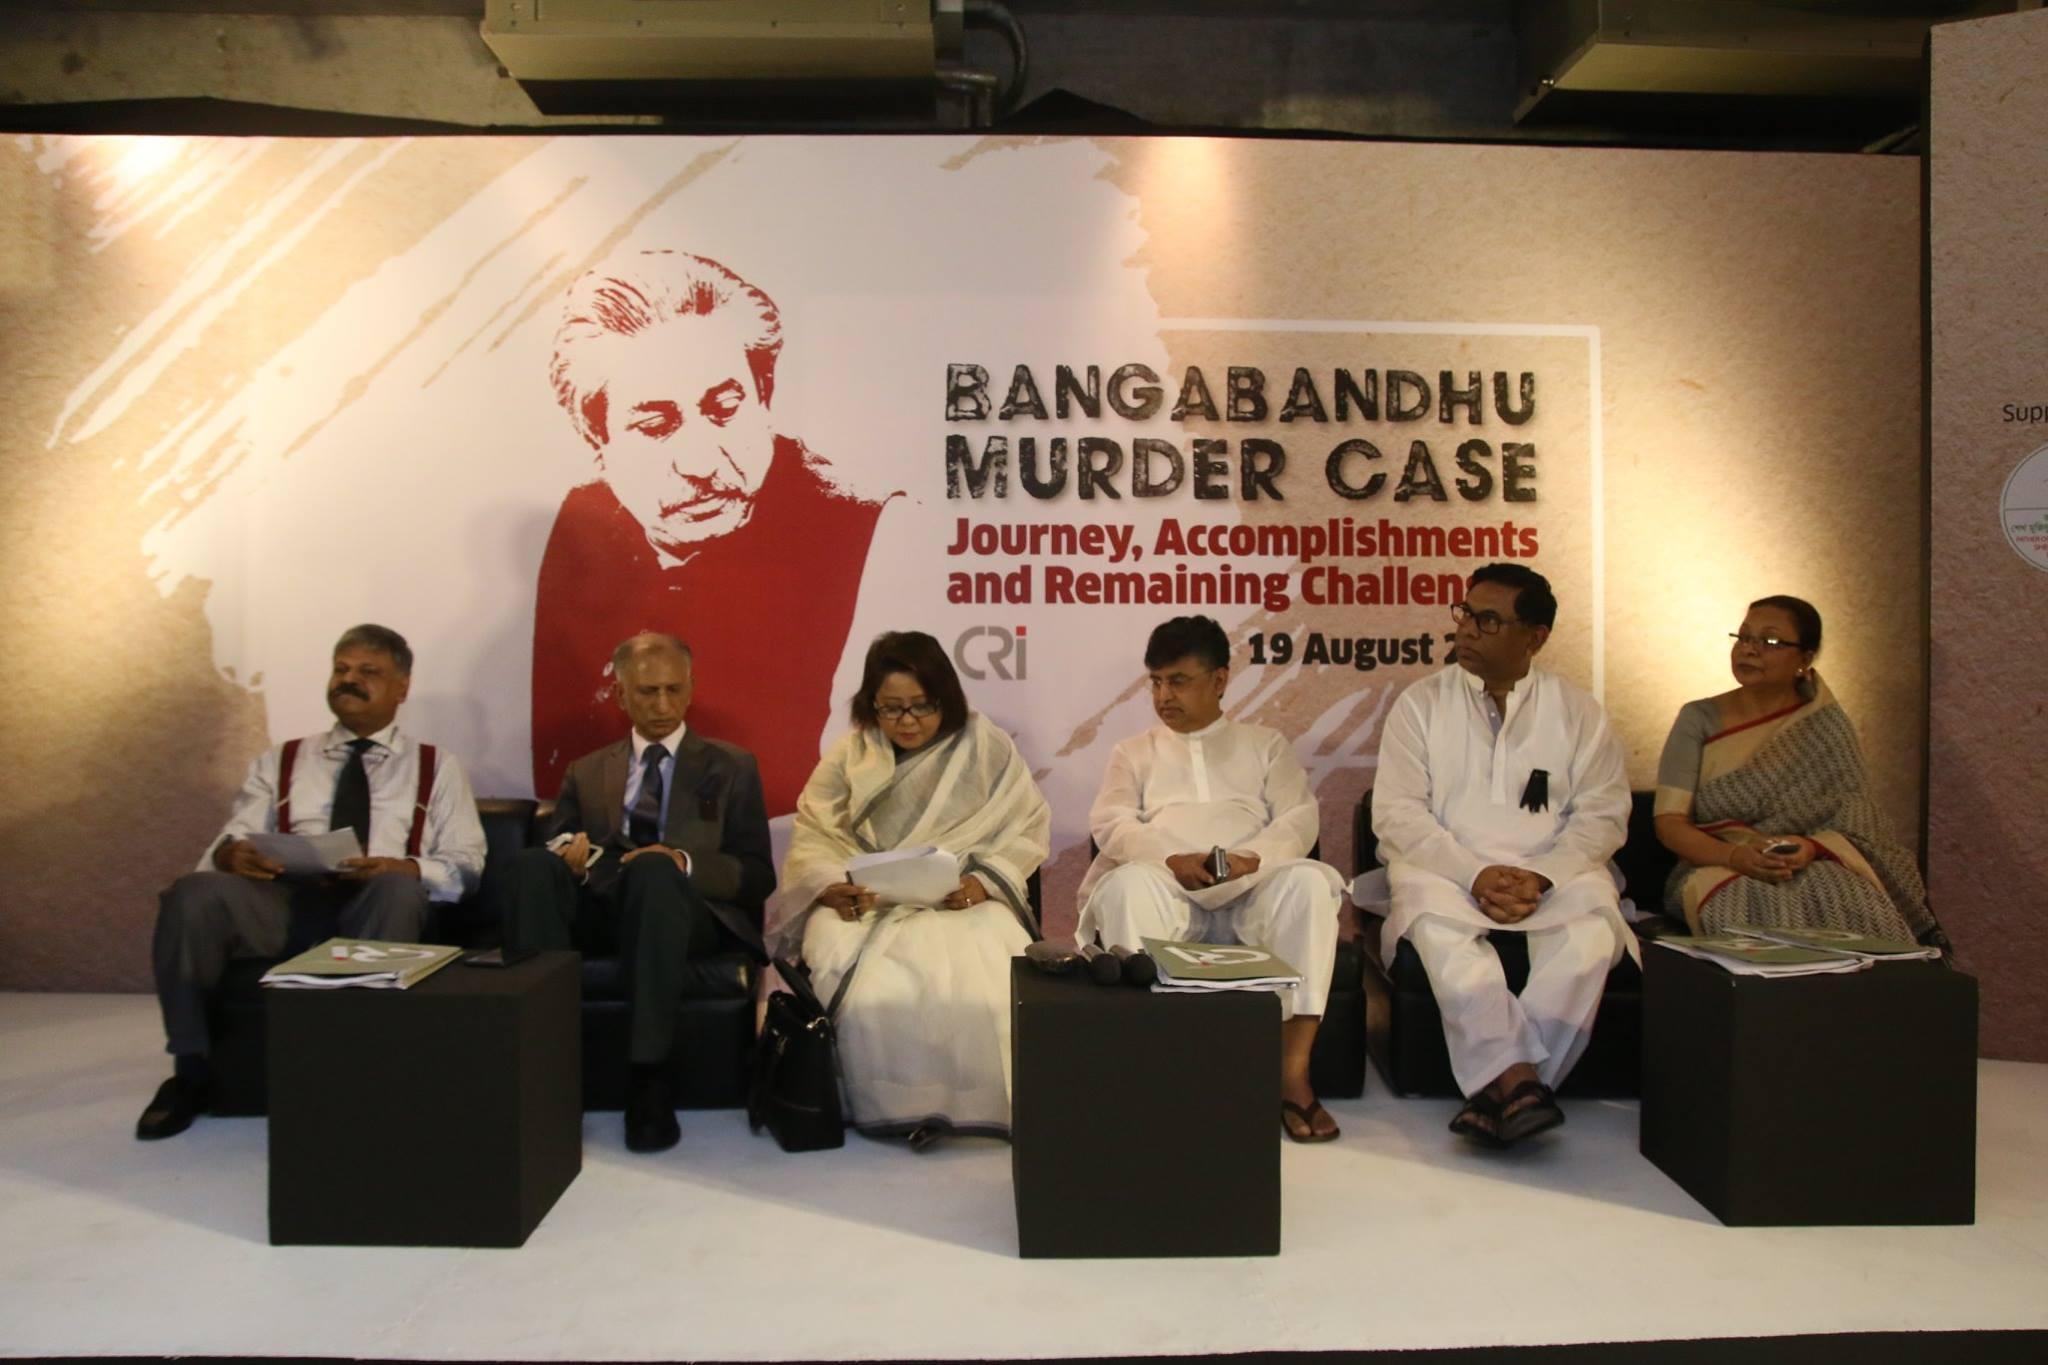 Bangabandhu Murder Case: Journey, Accomplishments, and Remaining Challenges